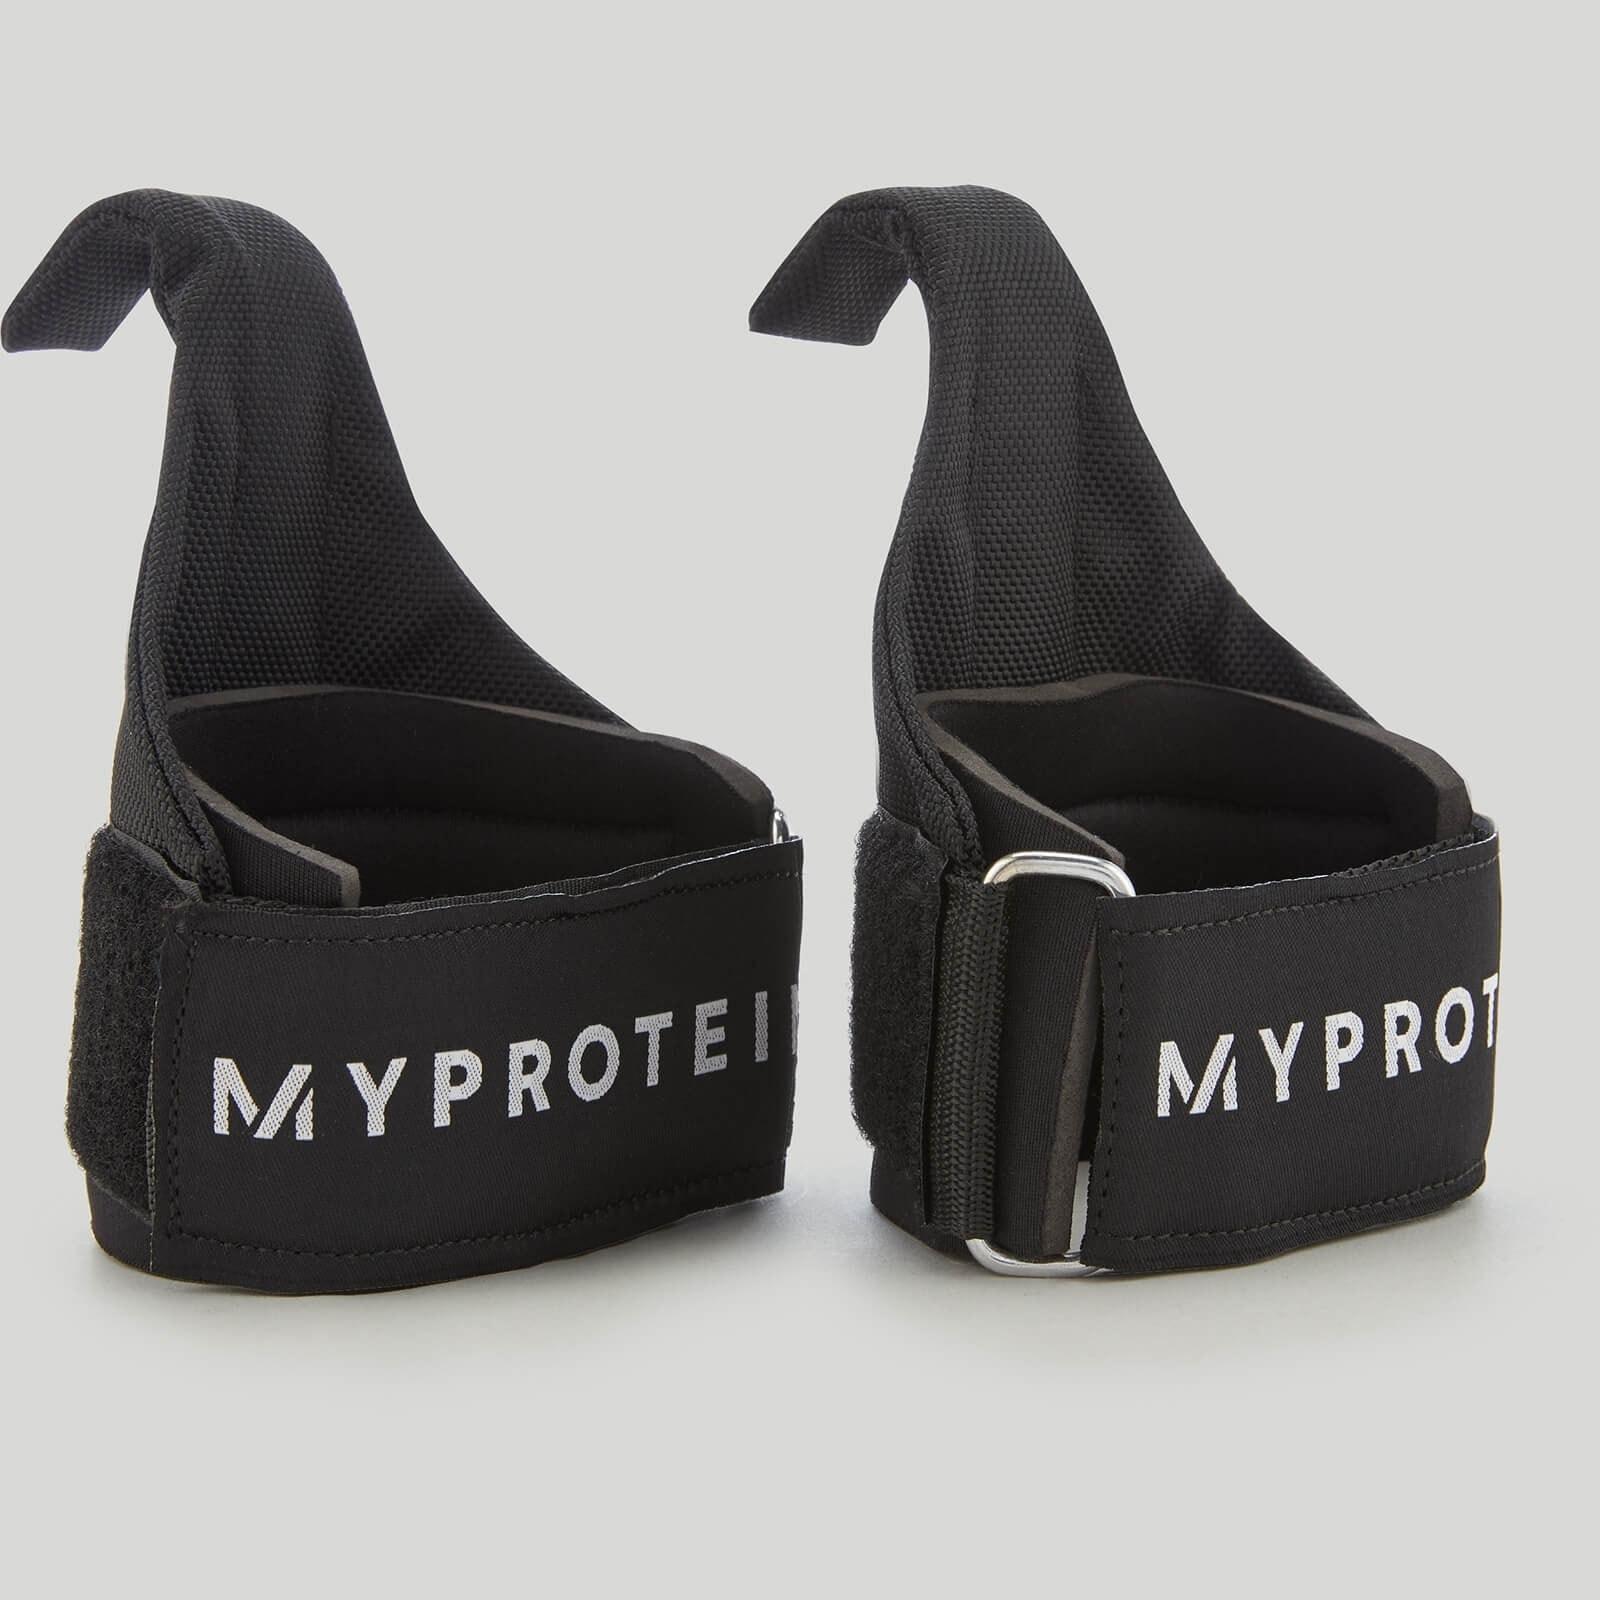 Móc Myprotein Iron Hooks Chính Hãng (1 cặp) - 10637019 1784620645049590